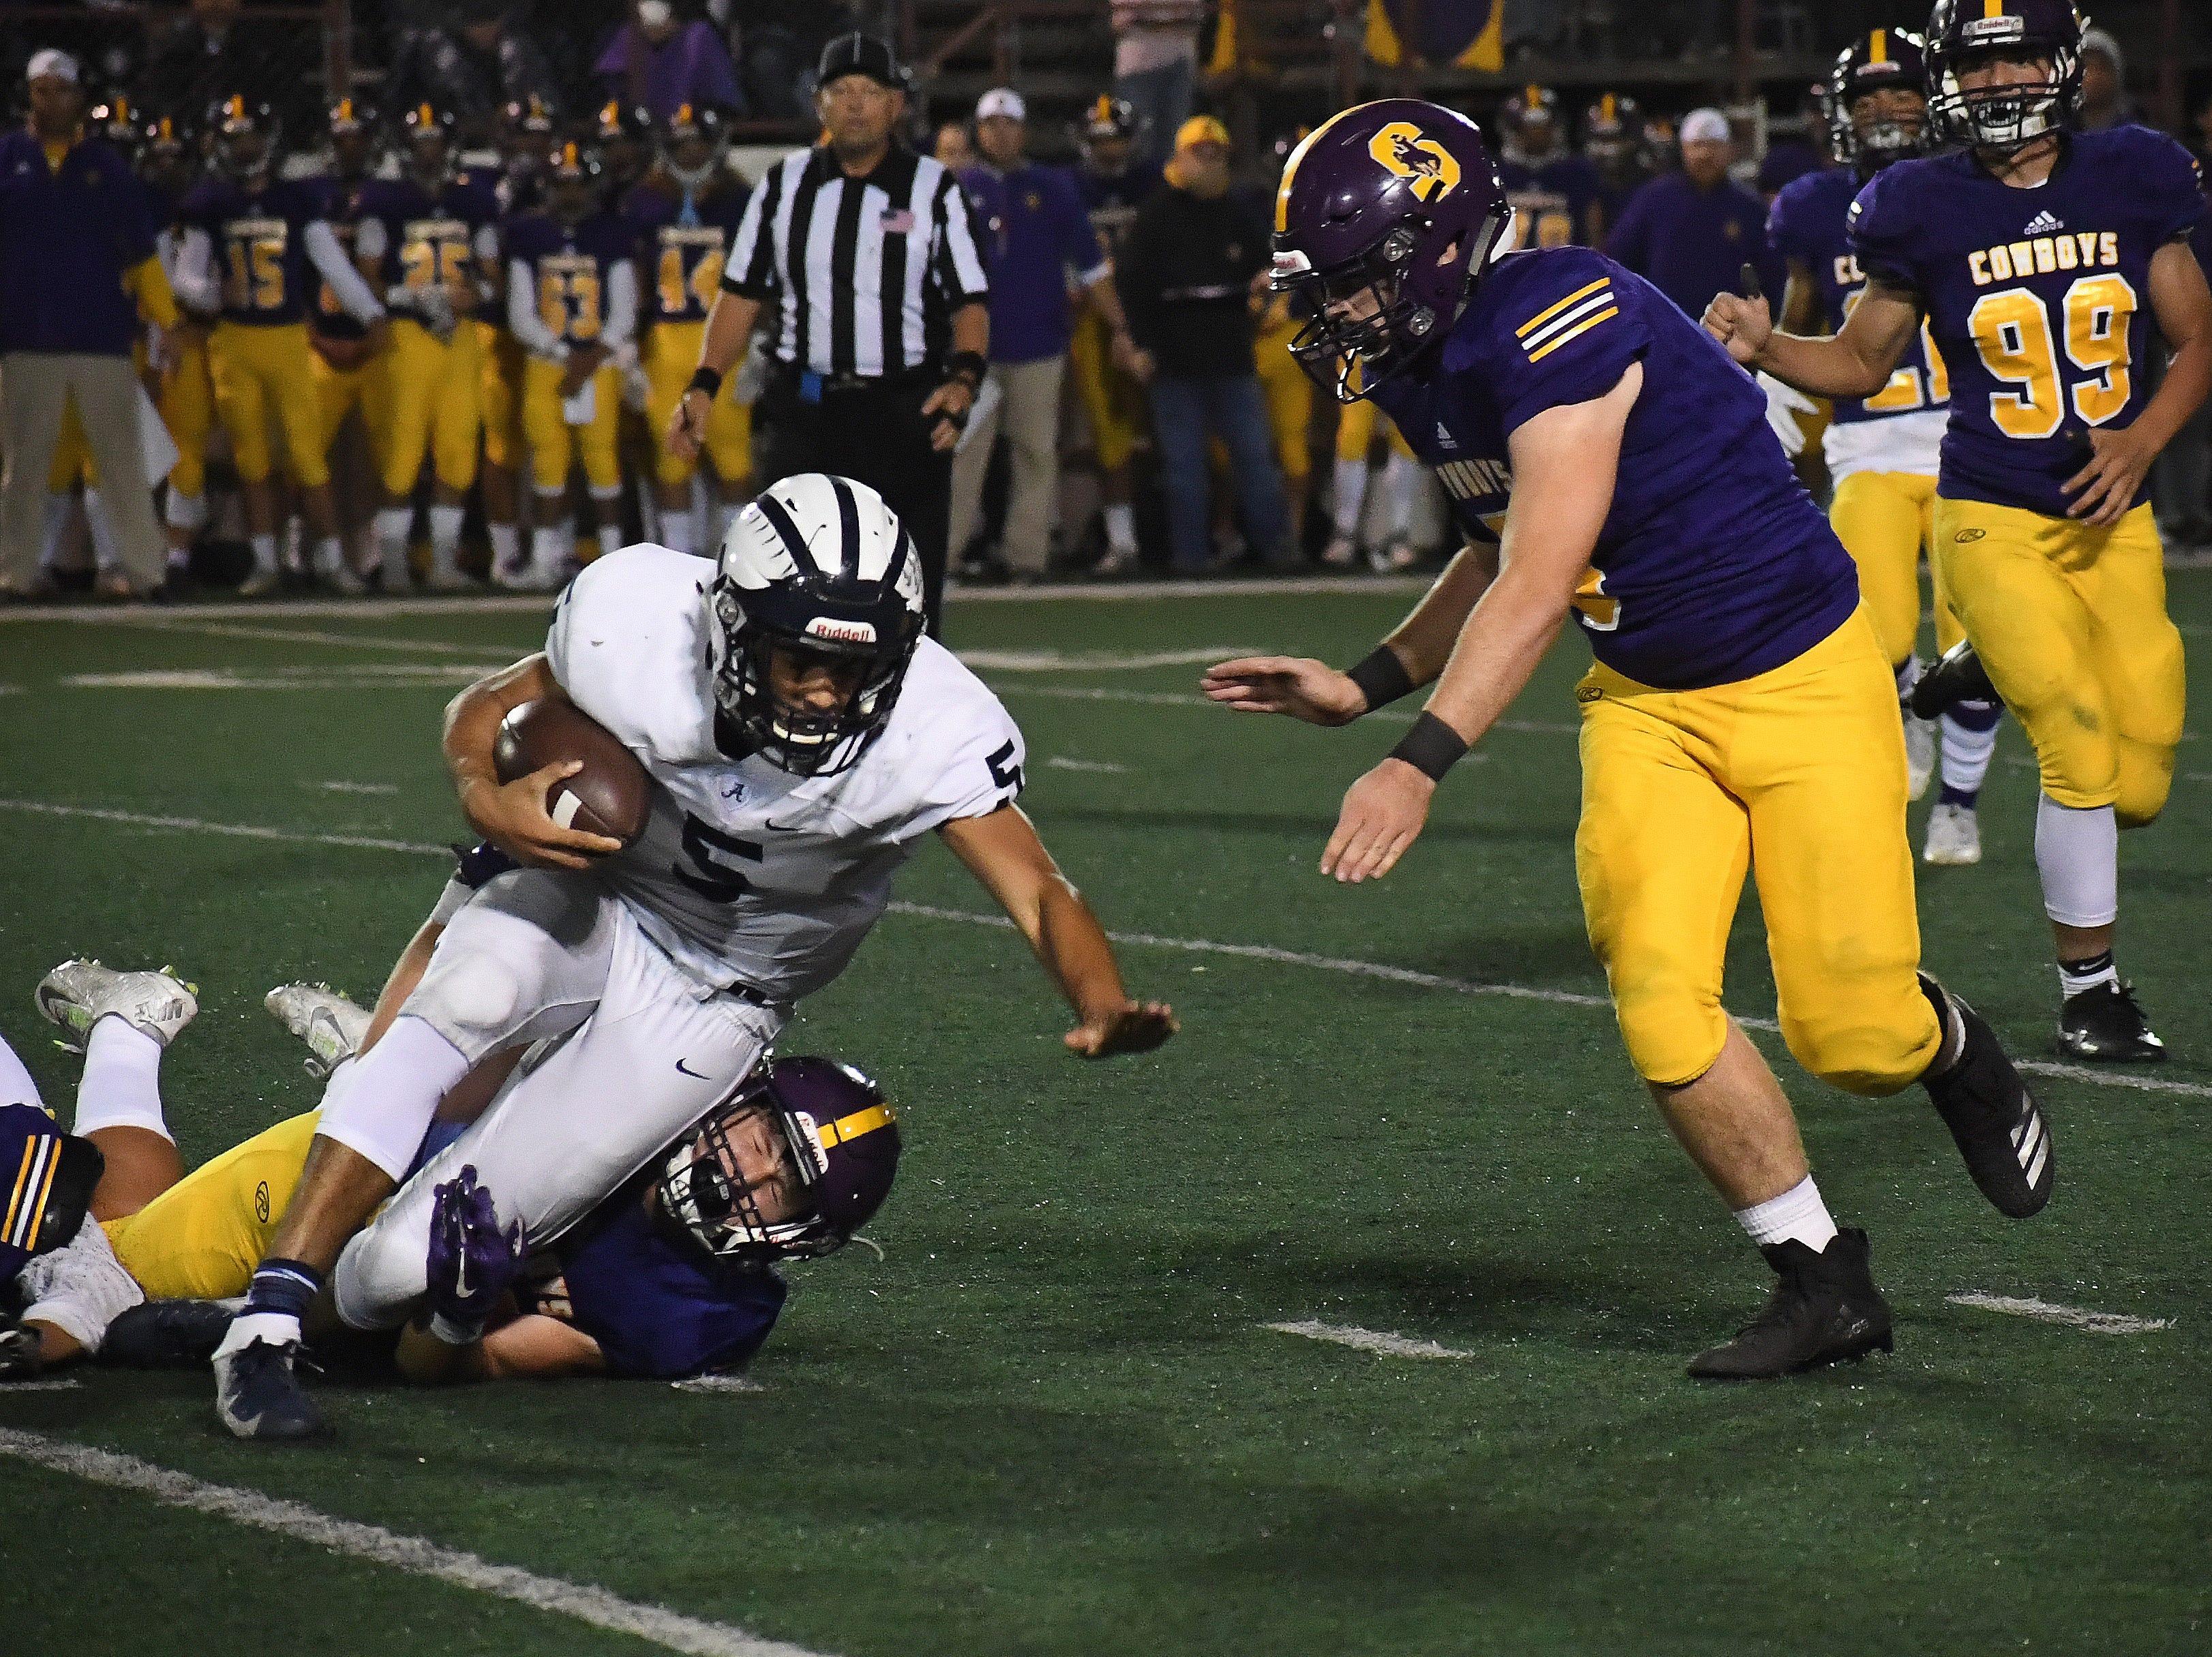 Salinas linebacker Joey Moag (20) wraps up Aptos' quarterback.